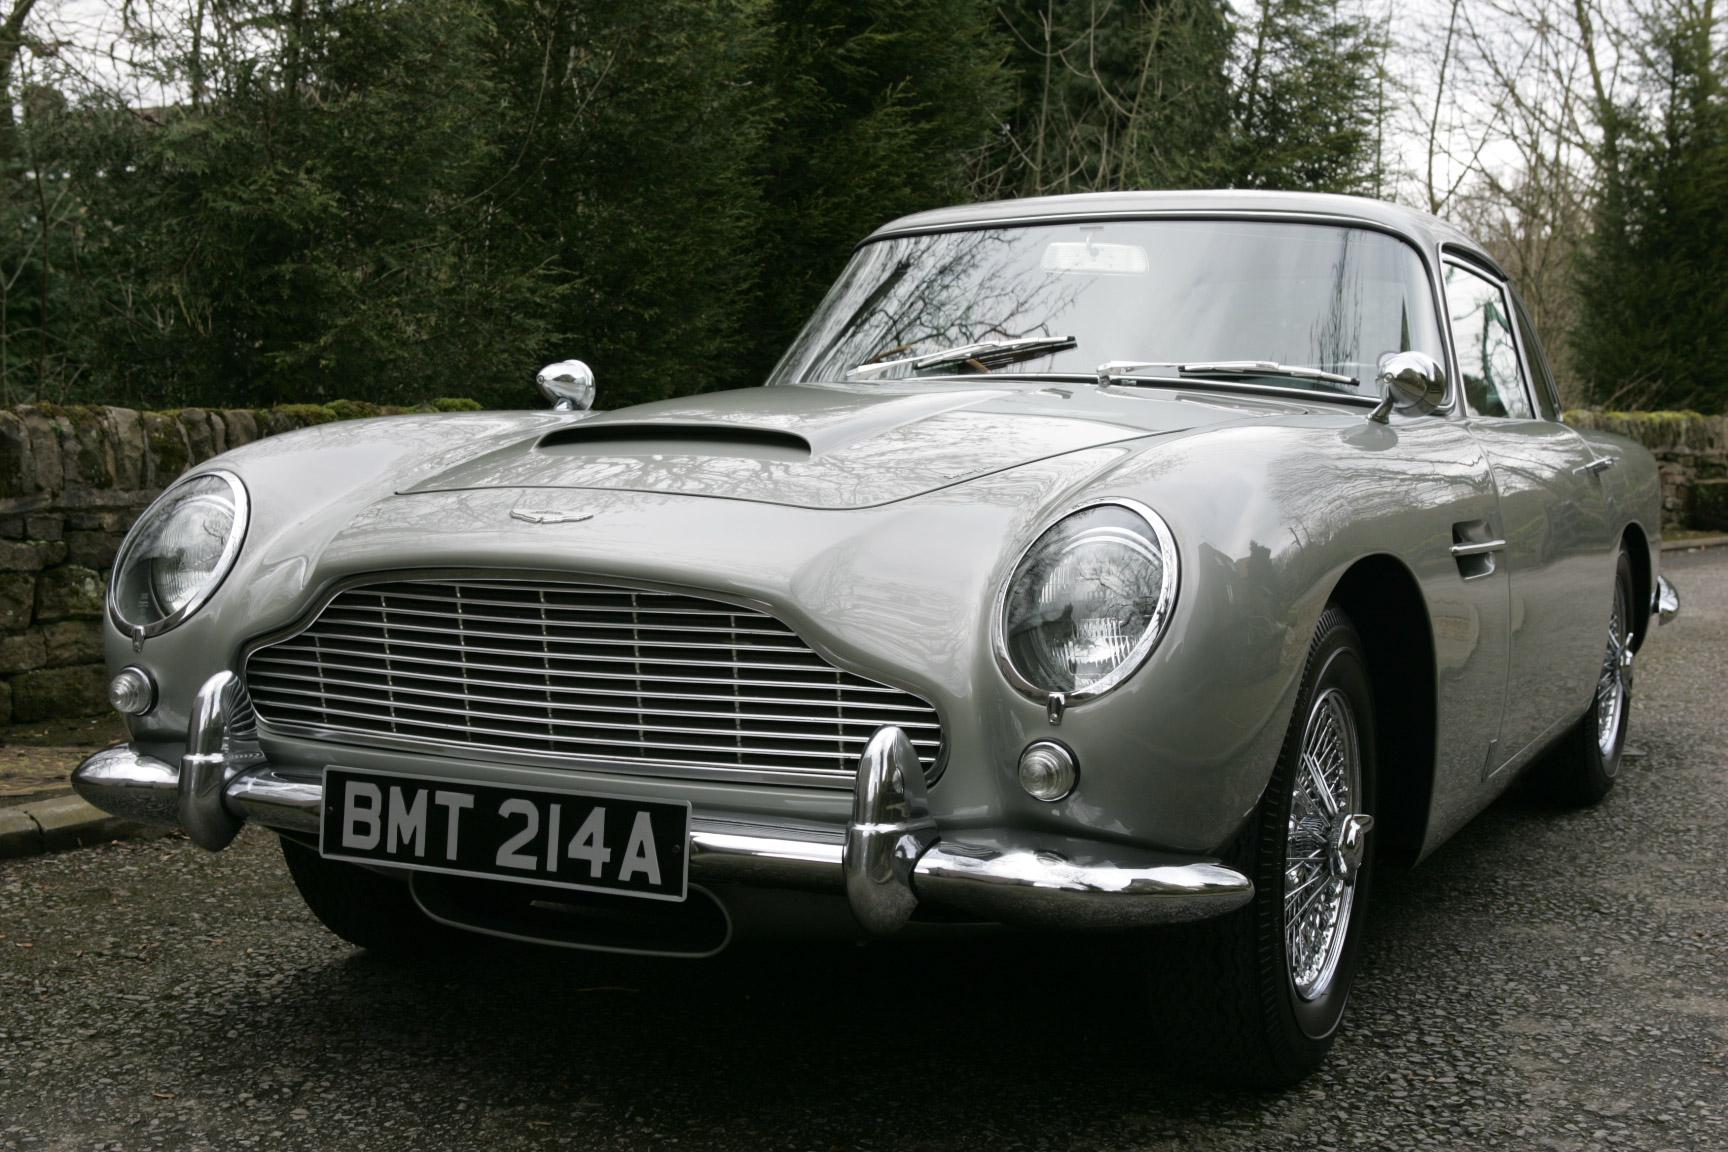 1965 Aston Martin DB5 low 3/4